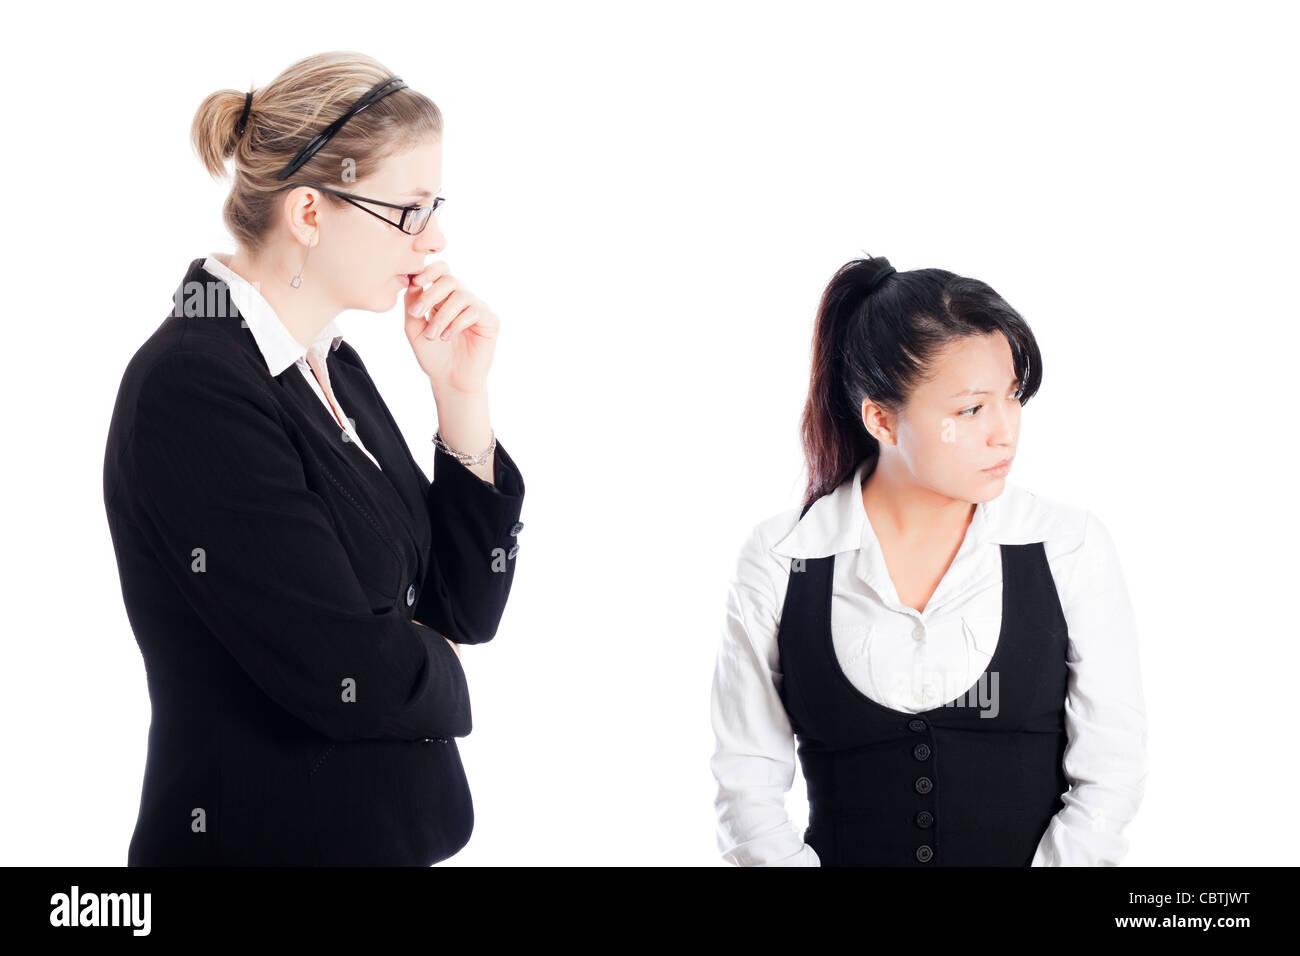 Zwei Geschäftsfrauen konzentrierte sich auf neue Ideen zu erfinden. Isoliert auf weißem Hintergrund. Stockbild